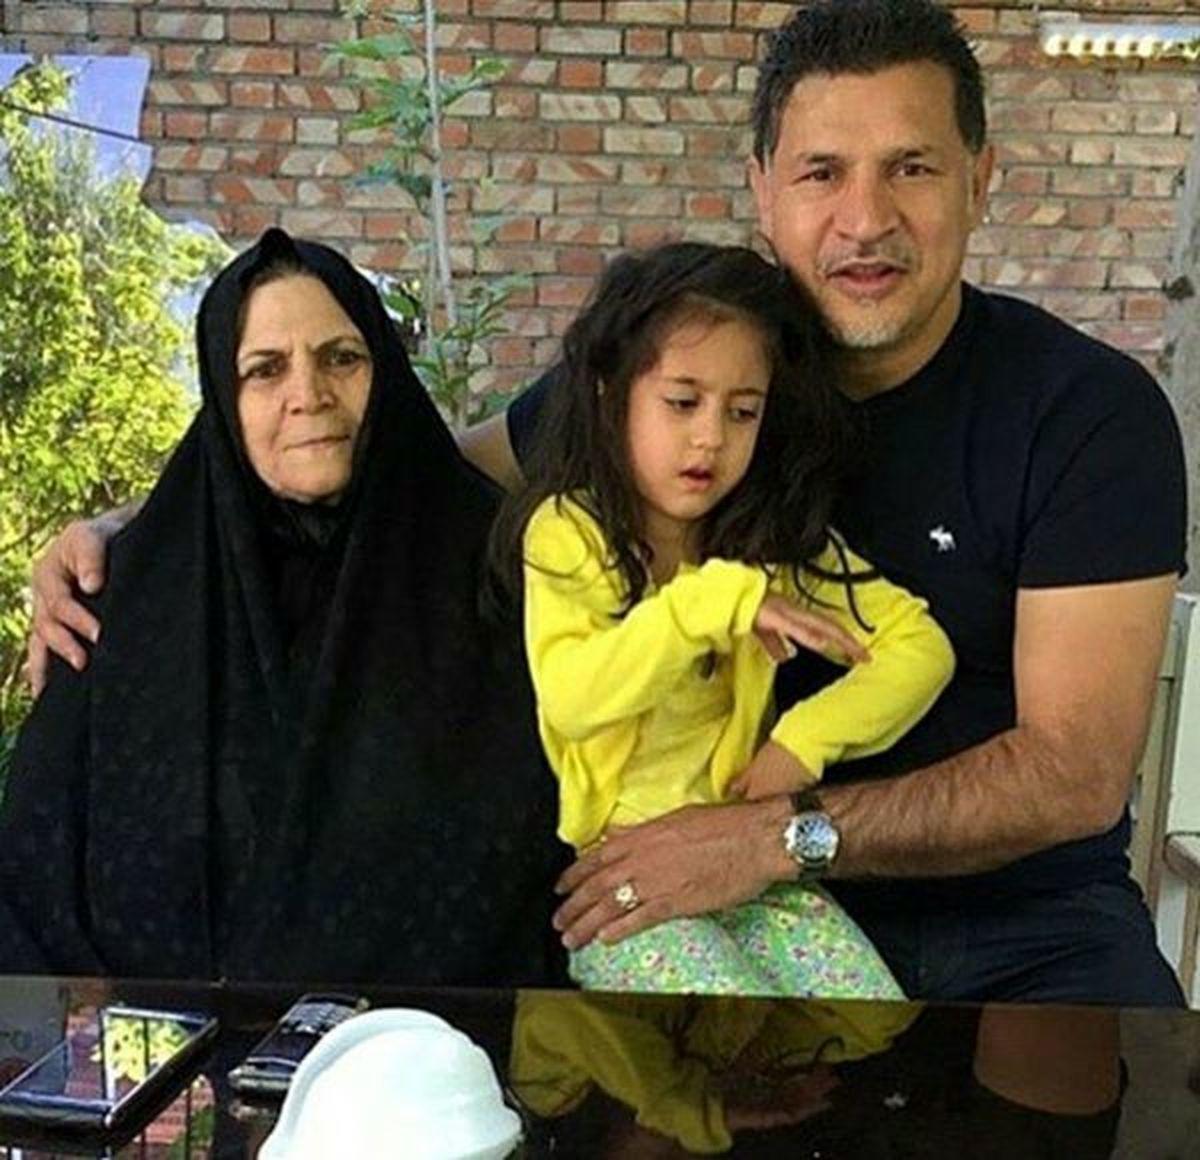 صحبت های مادر علی دایی در مورد زندگی خصوصی فرزندش | فیلم